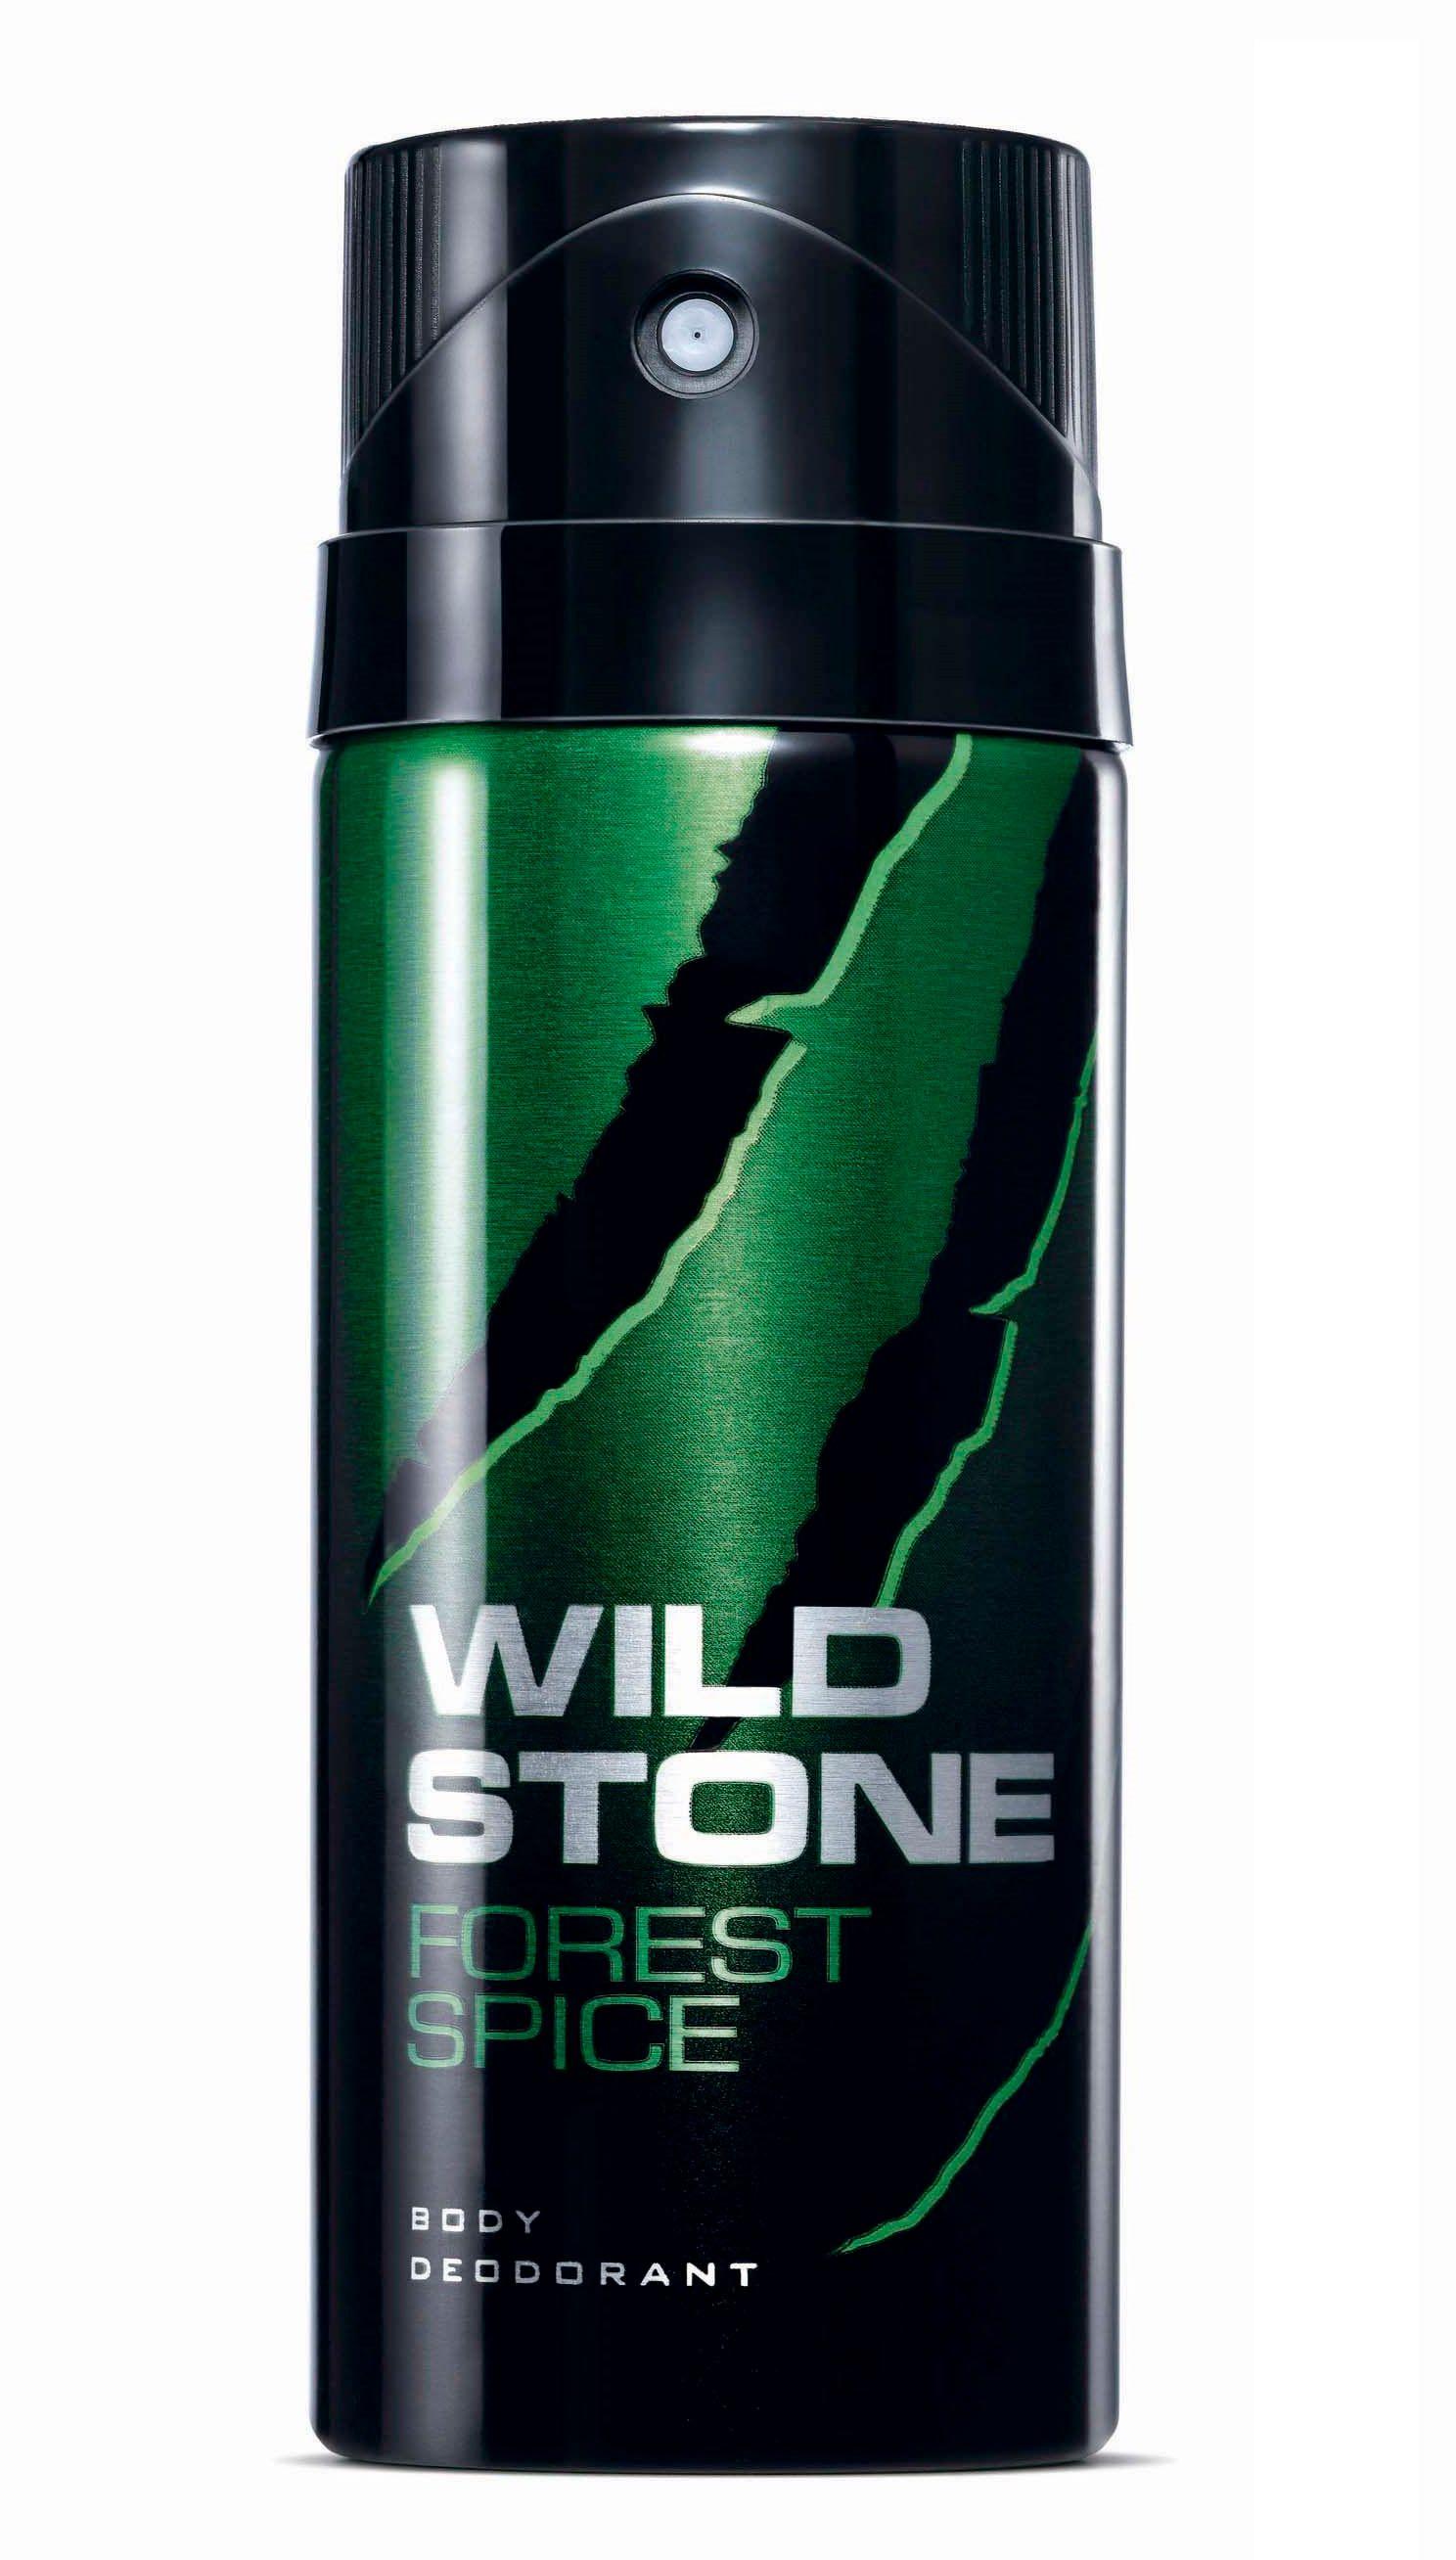 Wild Stone Forest Spice Body Deodorant 150 ml